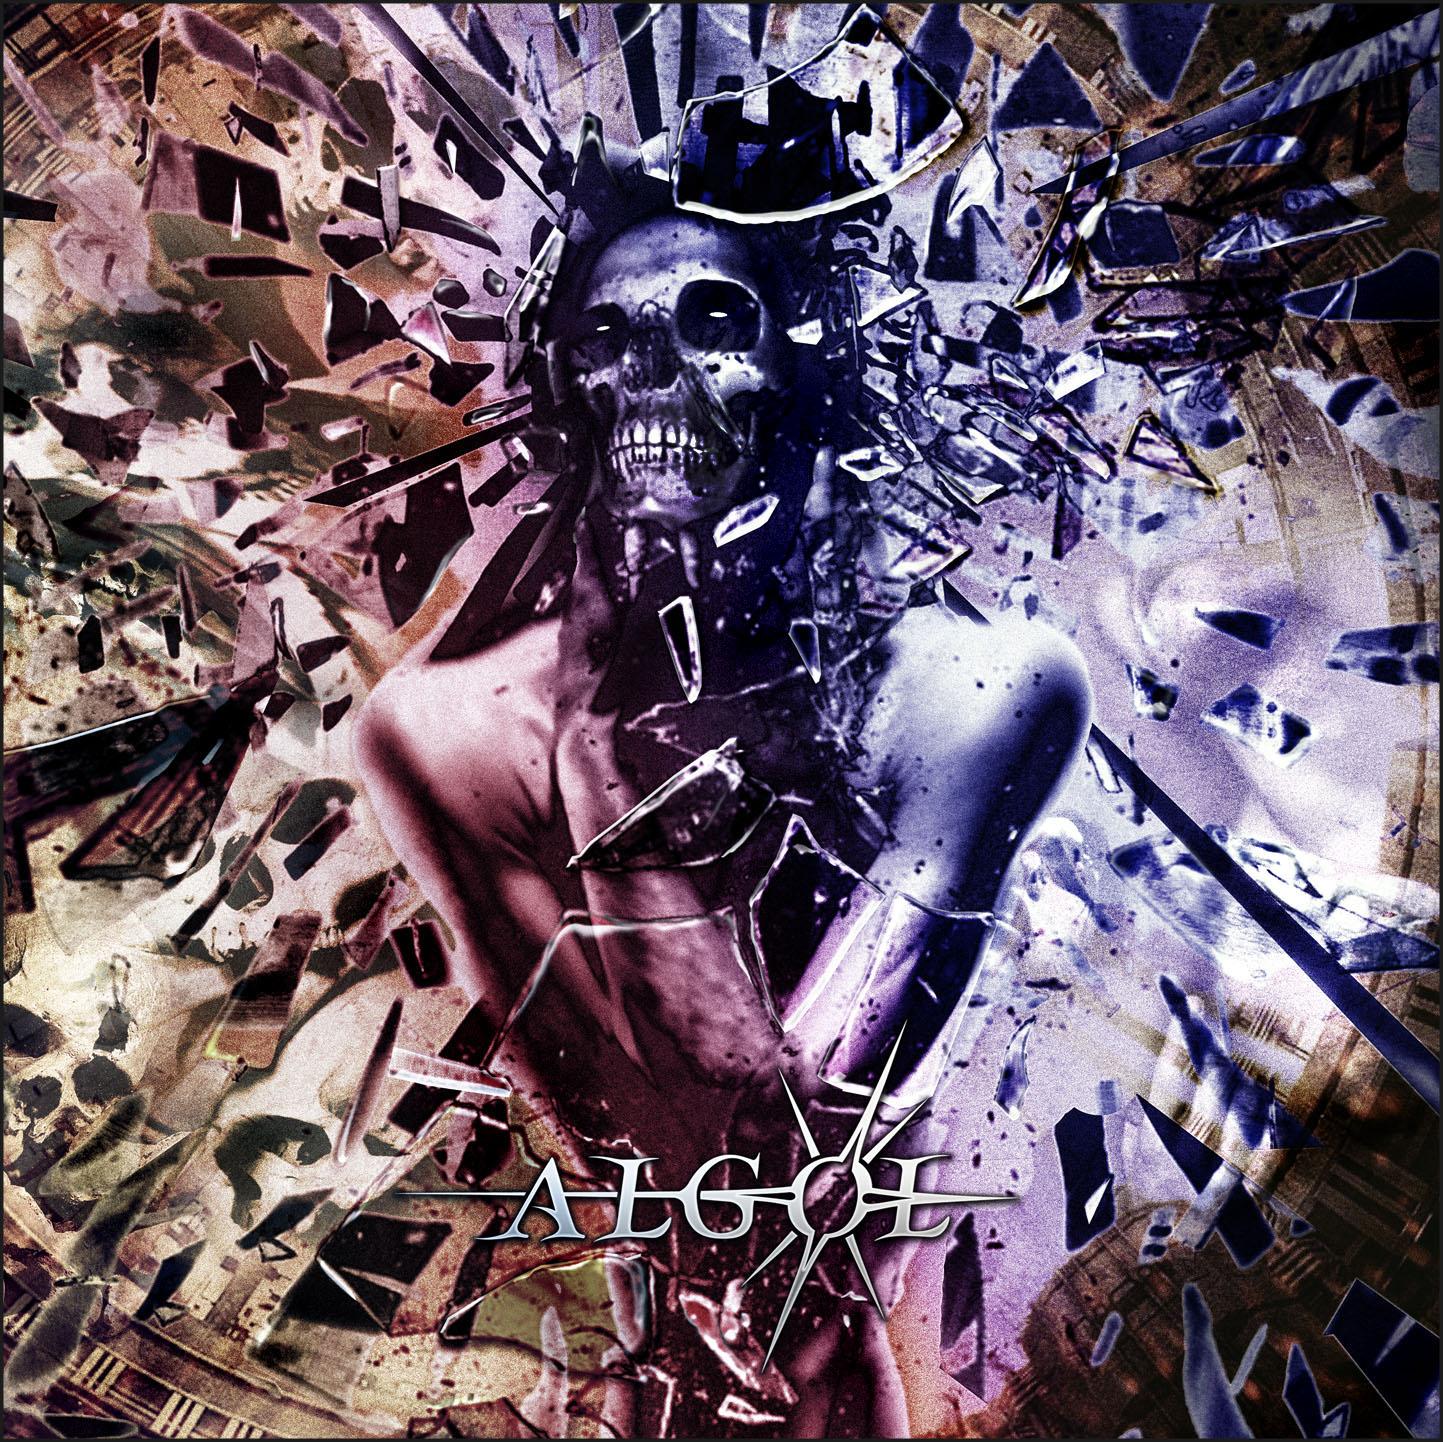 Algol_MindFrames_front cover